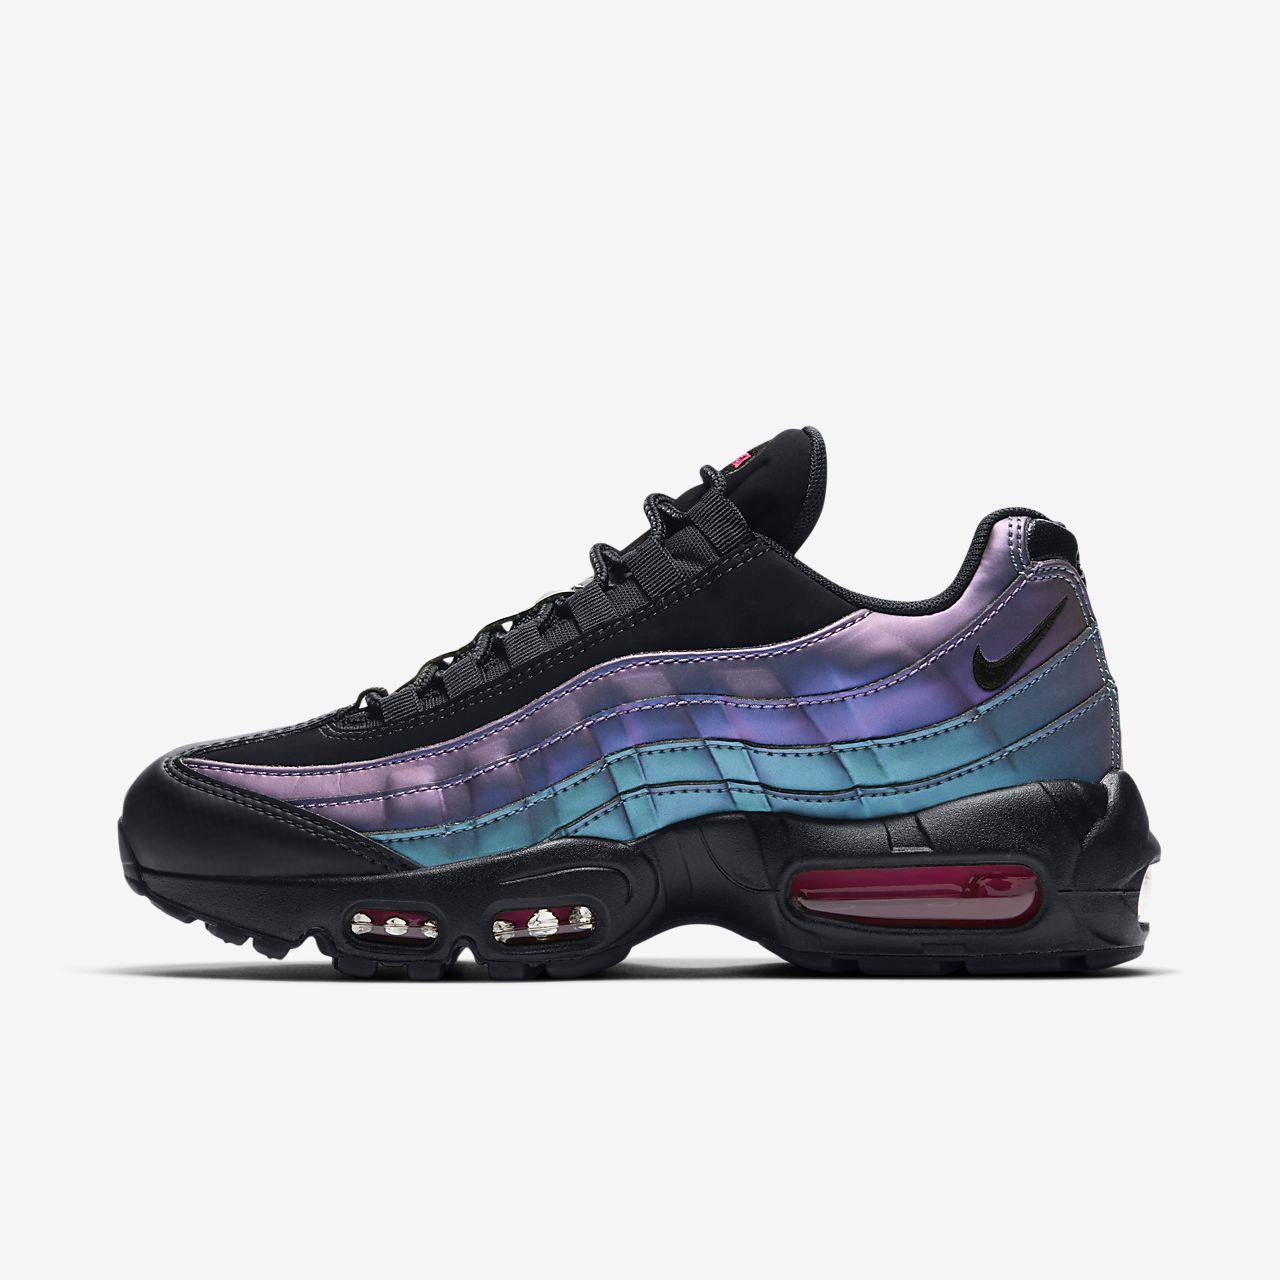 premium selection abfae 51830 ... Chaussure Nike Air Max 95 RF pour Femme